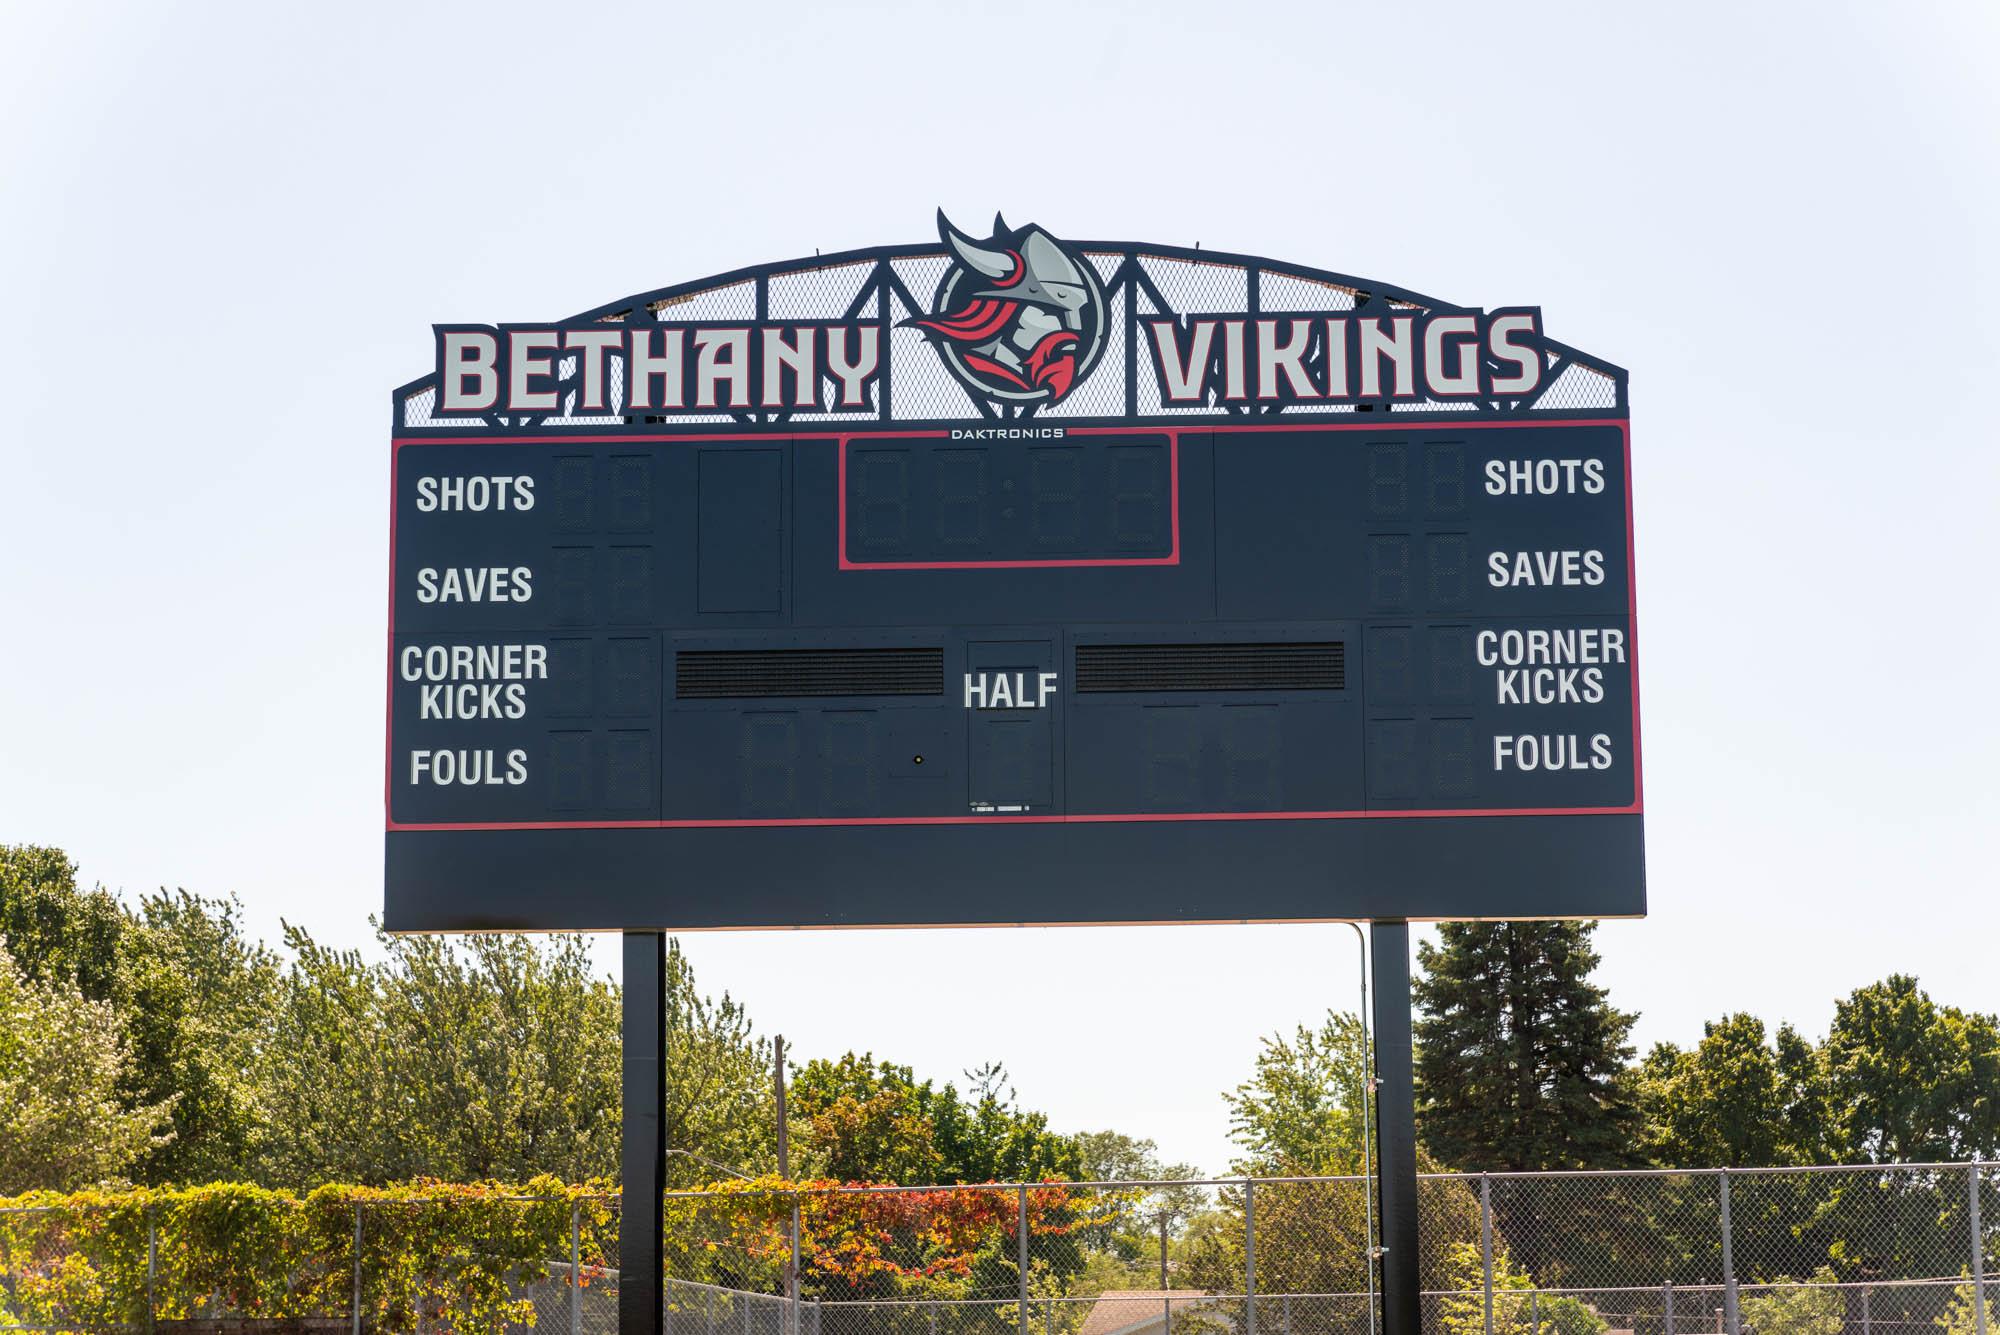 Bethany soccer scoreboard